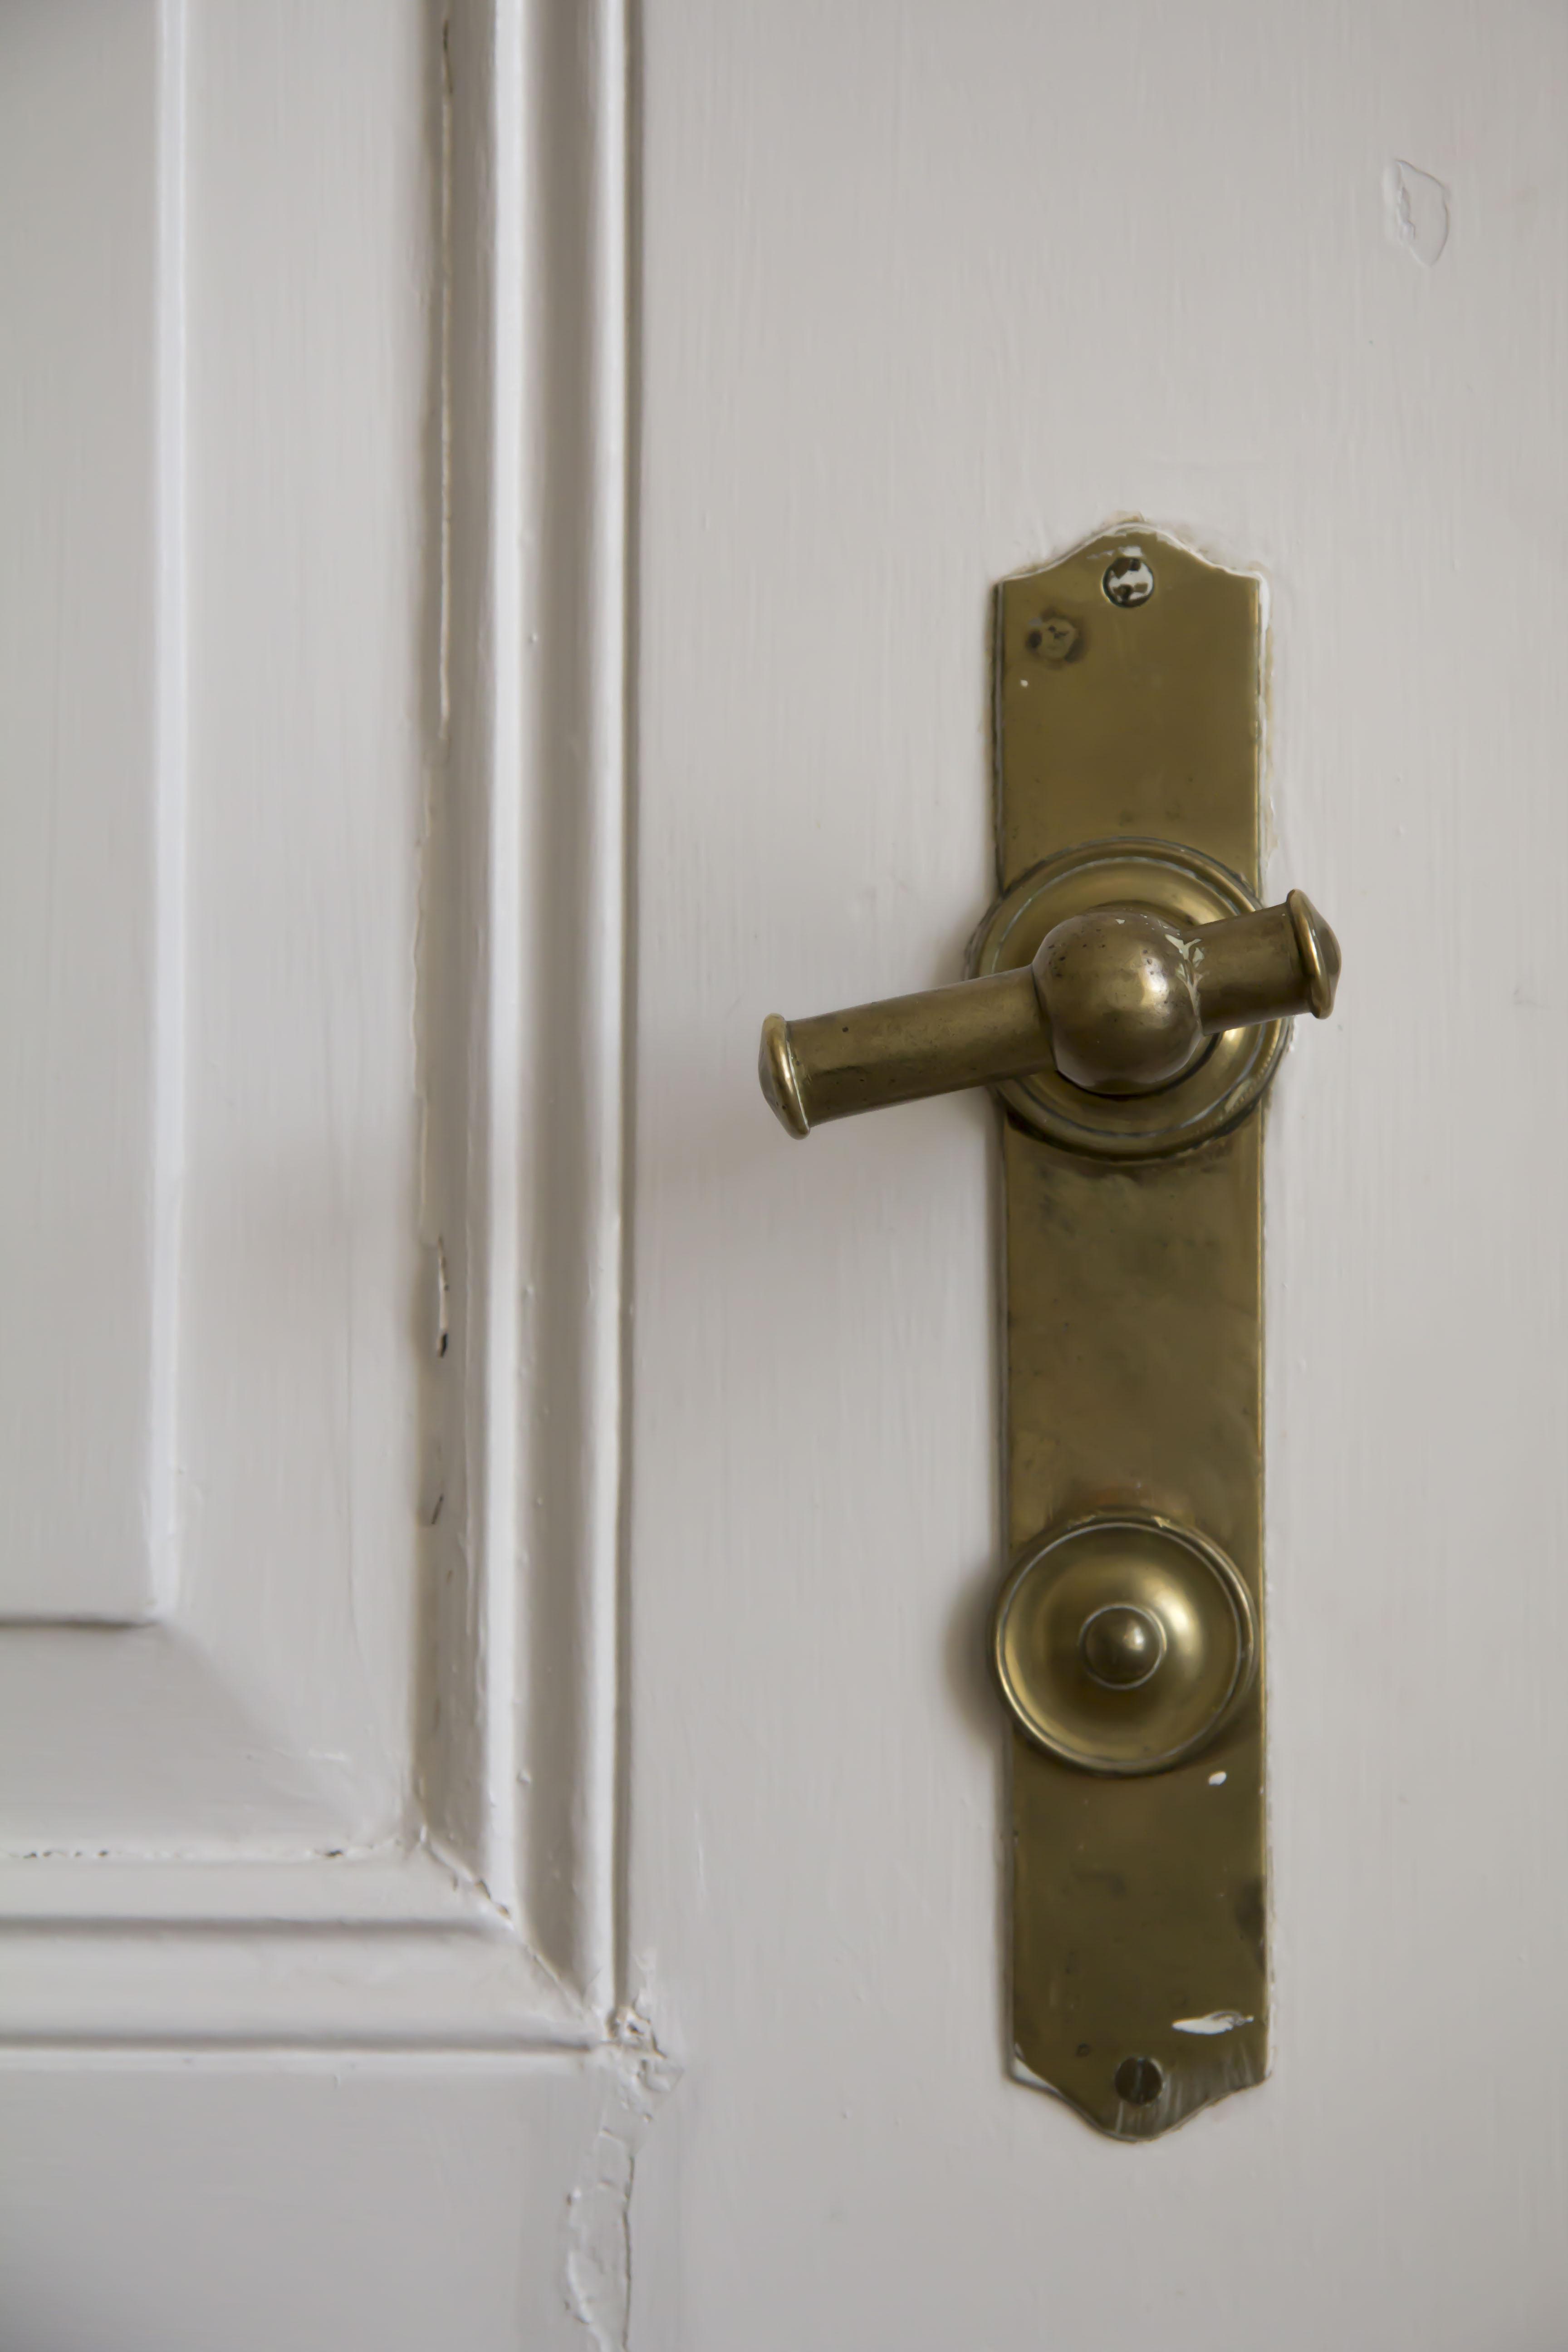 Vi er meget glade for de gamle, brede døre og originale håndtag